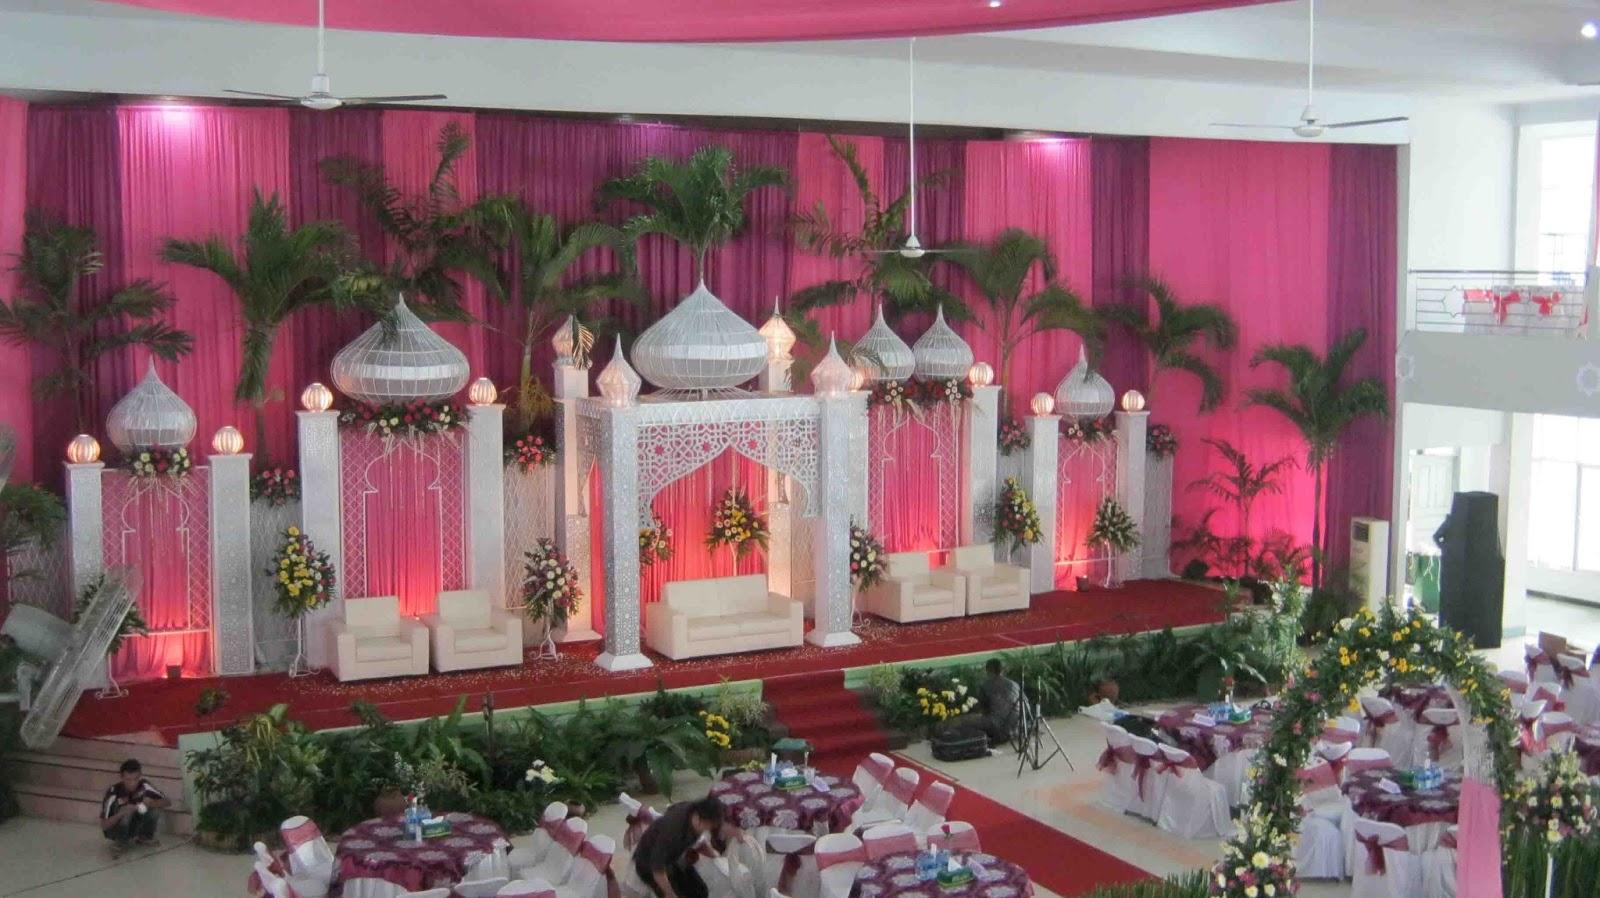 dekorasi-pelaminan-terbaru-islami-by-idaz-dekorasi.jpg